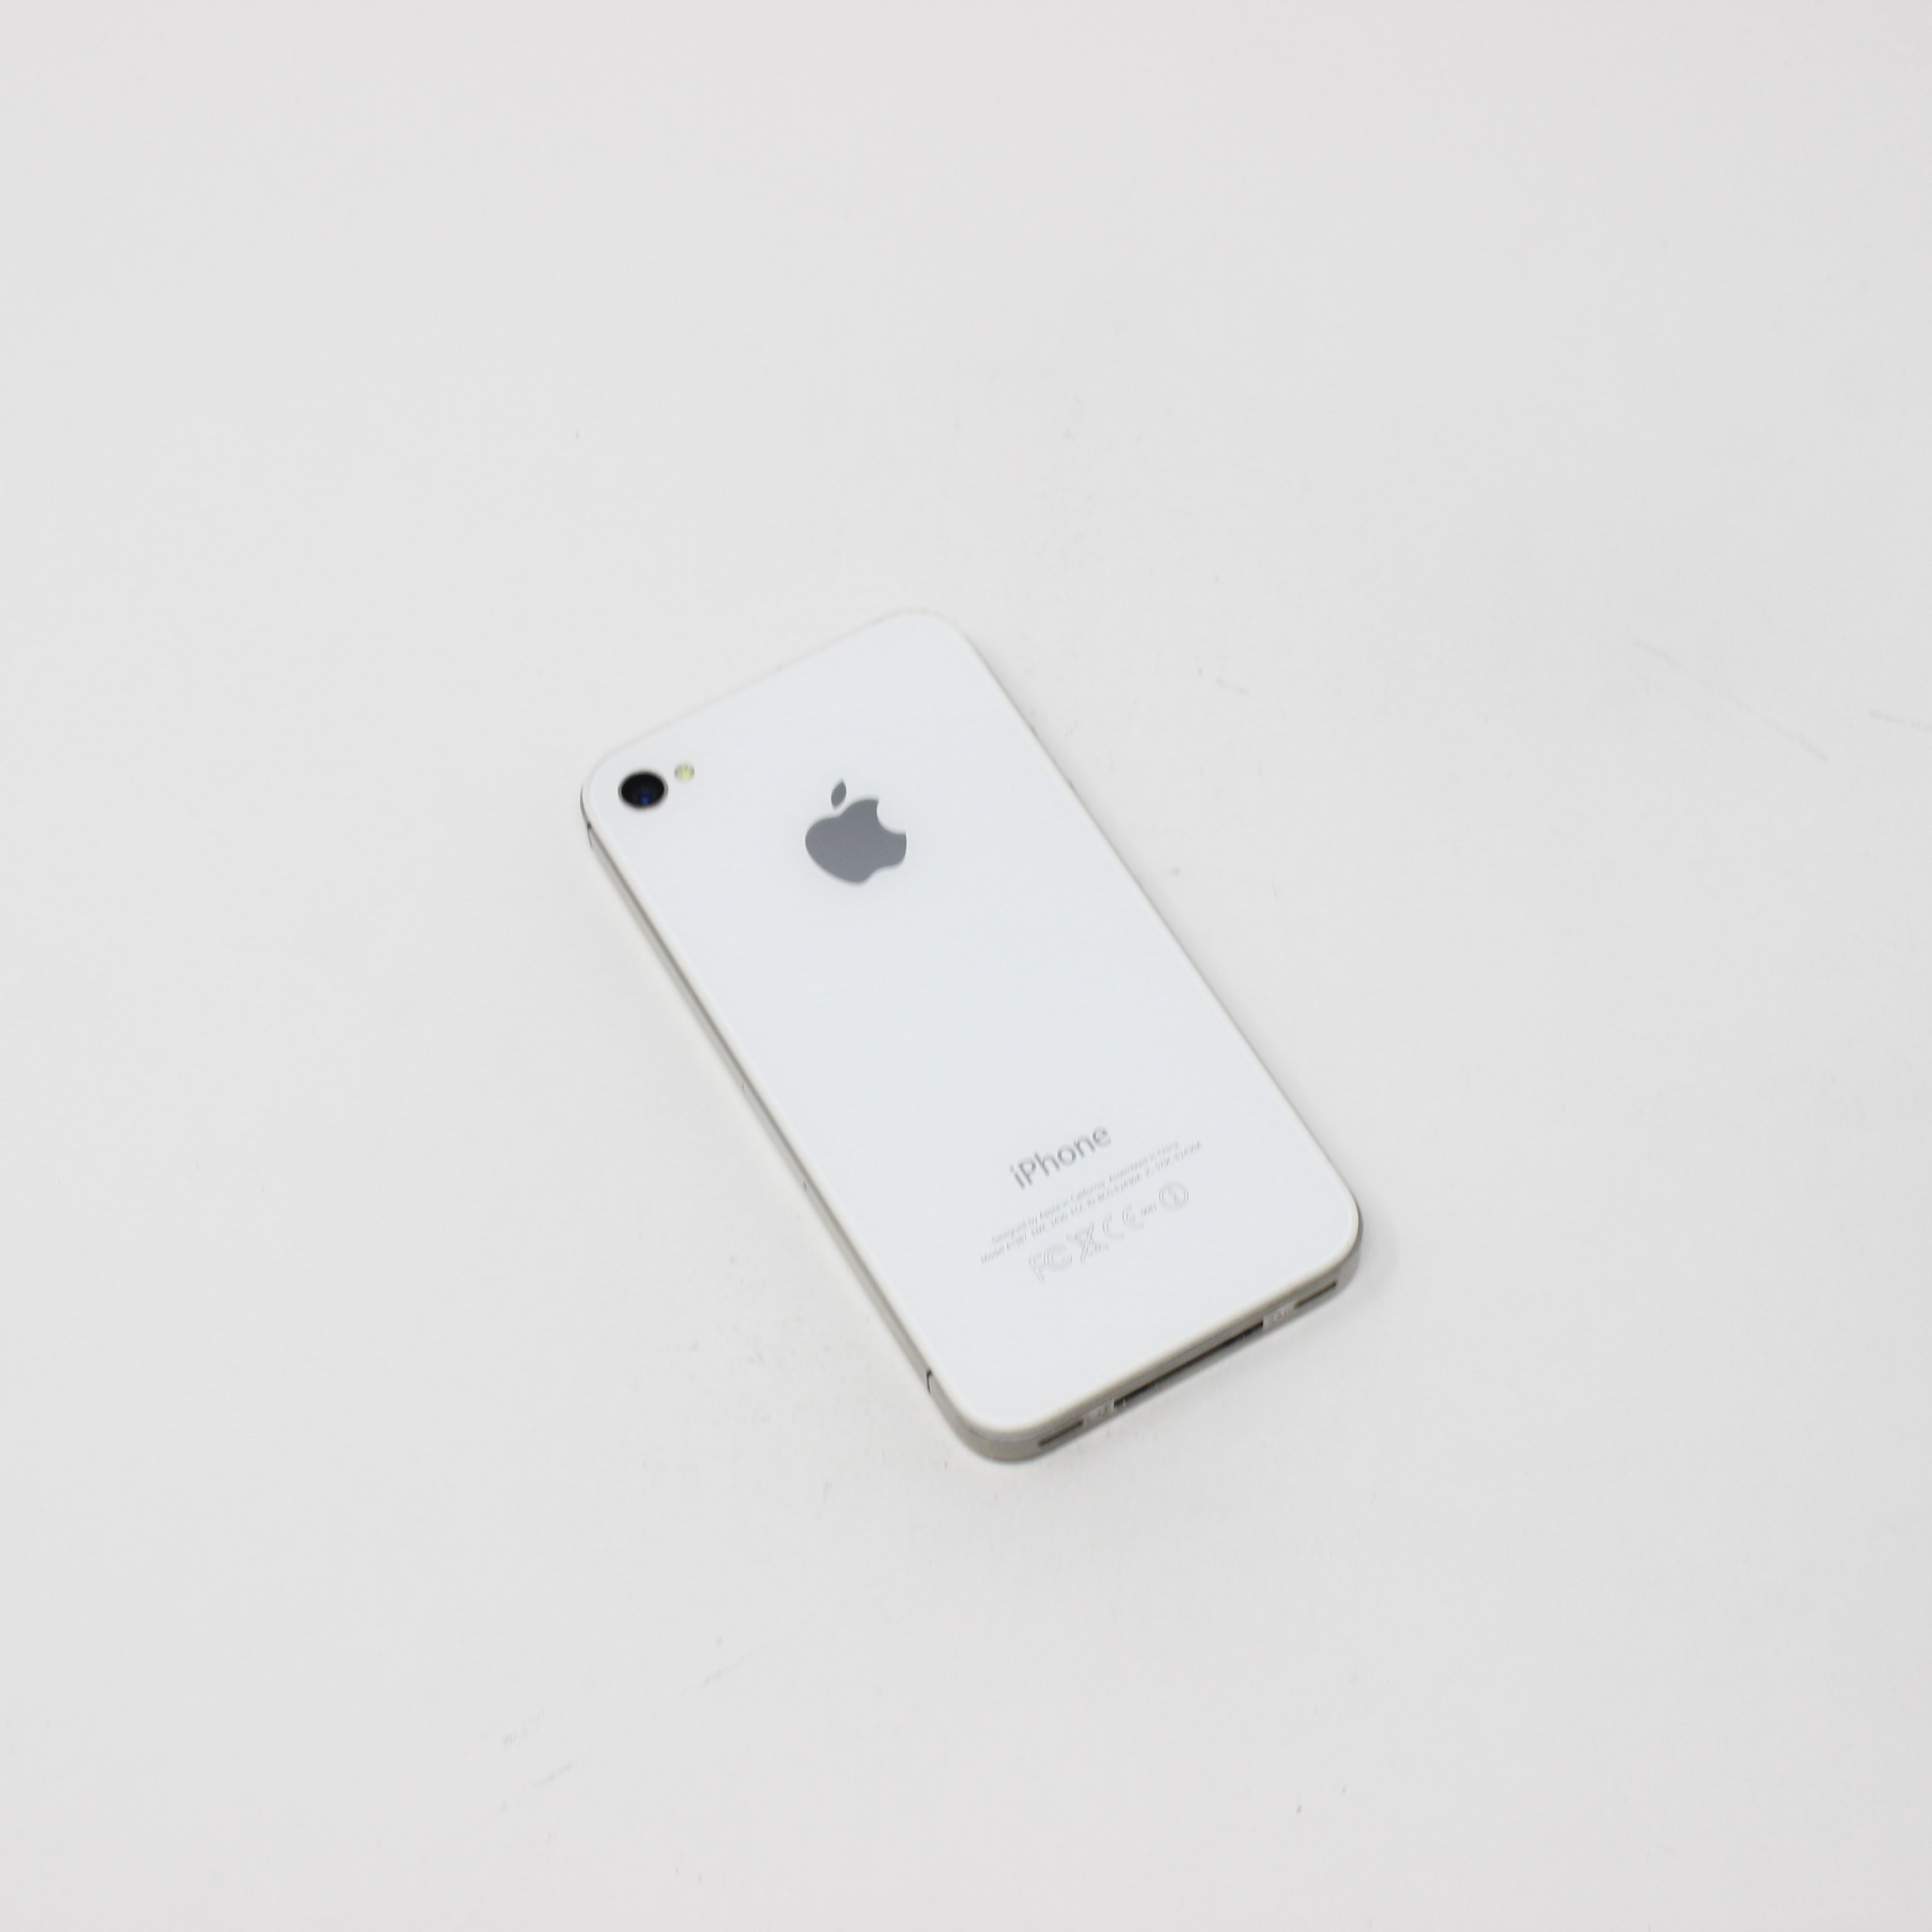 iPhone 4S 16GB White - AT&T photo 3   UpTradeit.com